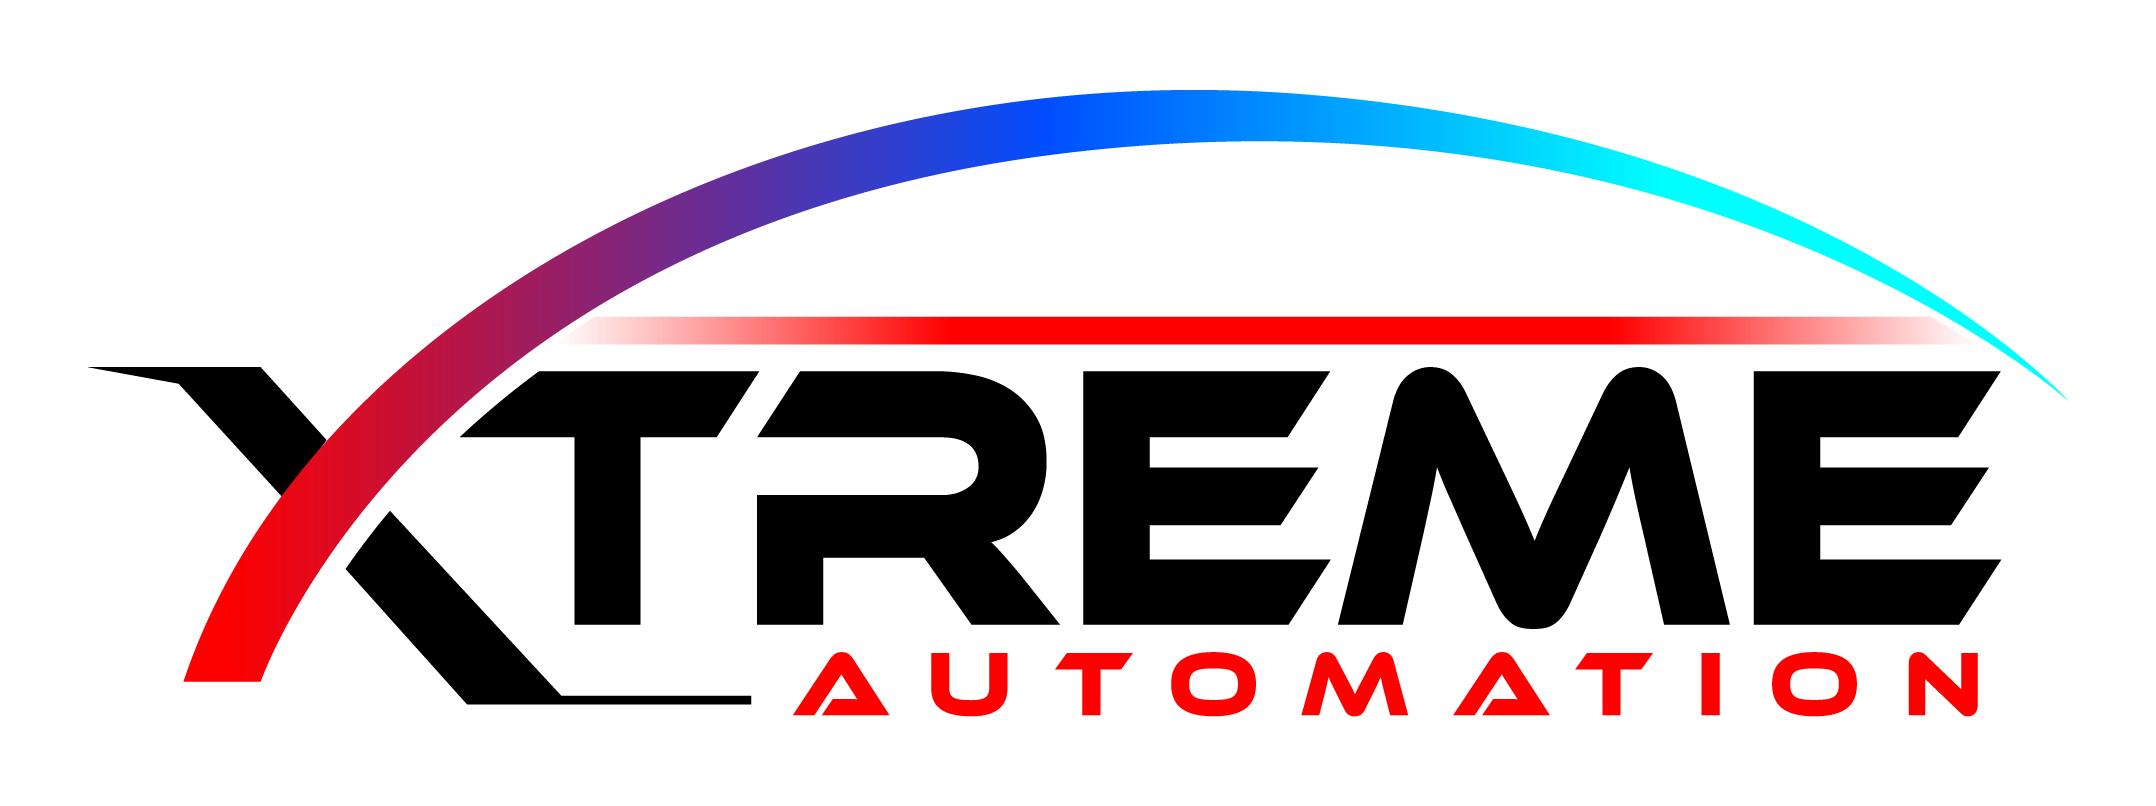 Xtreme Automation logo